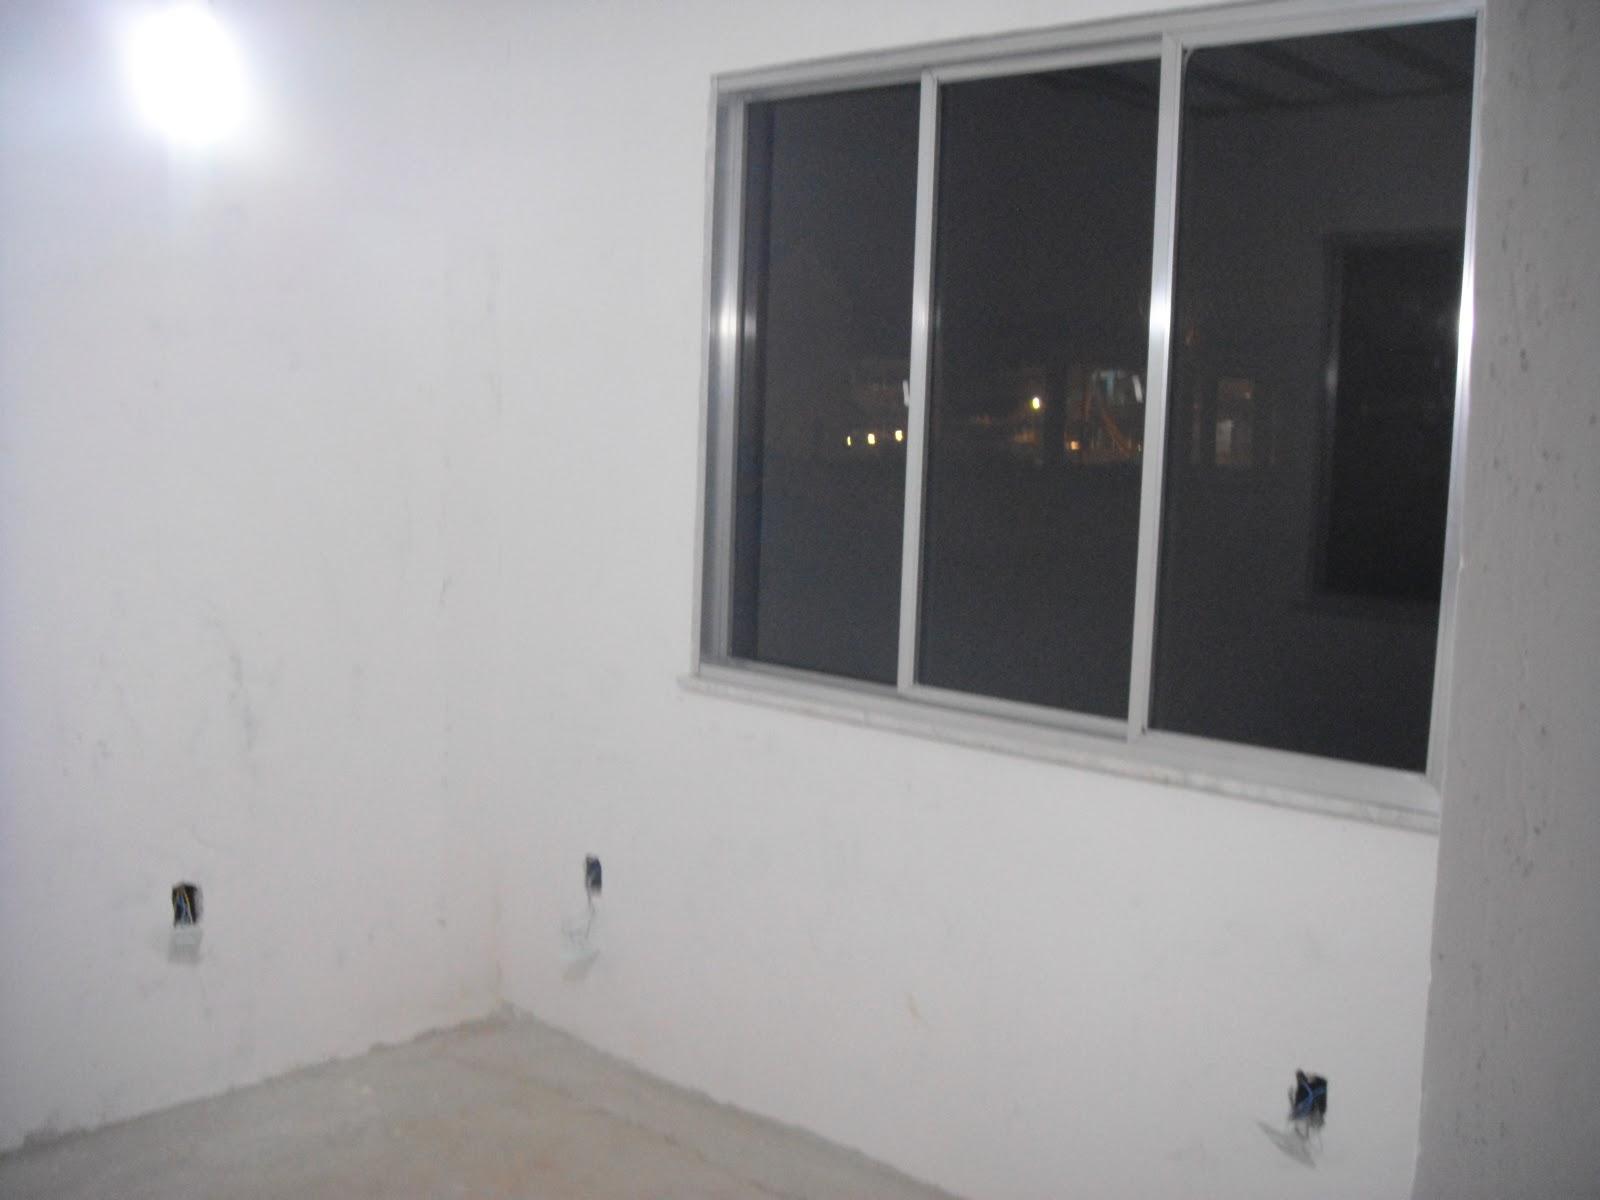 da porta para o quarto do baby 2 janelas de 3 folhas. (1 janela  #5A4E45 1600x1200 Banheiro Com Janela Para O Quarto